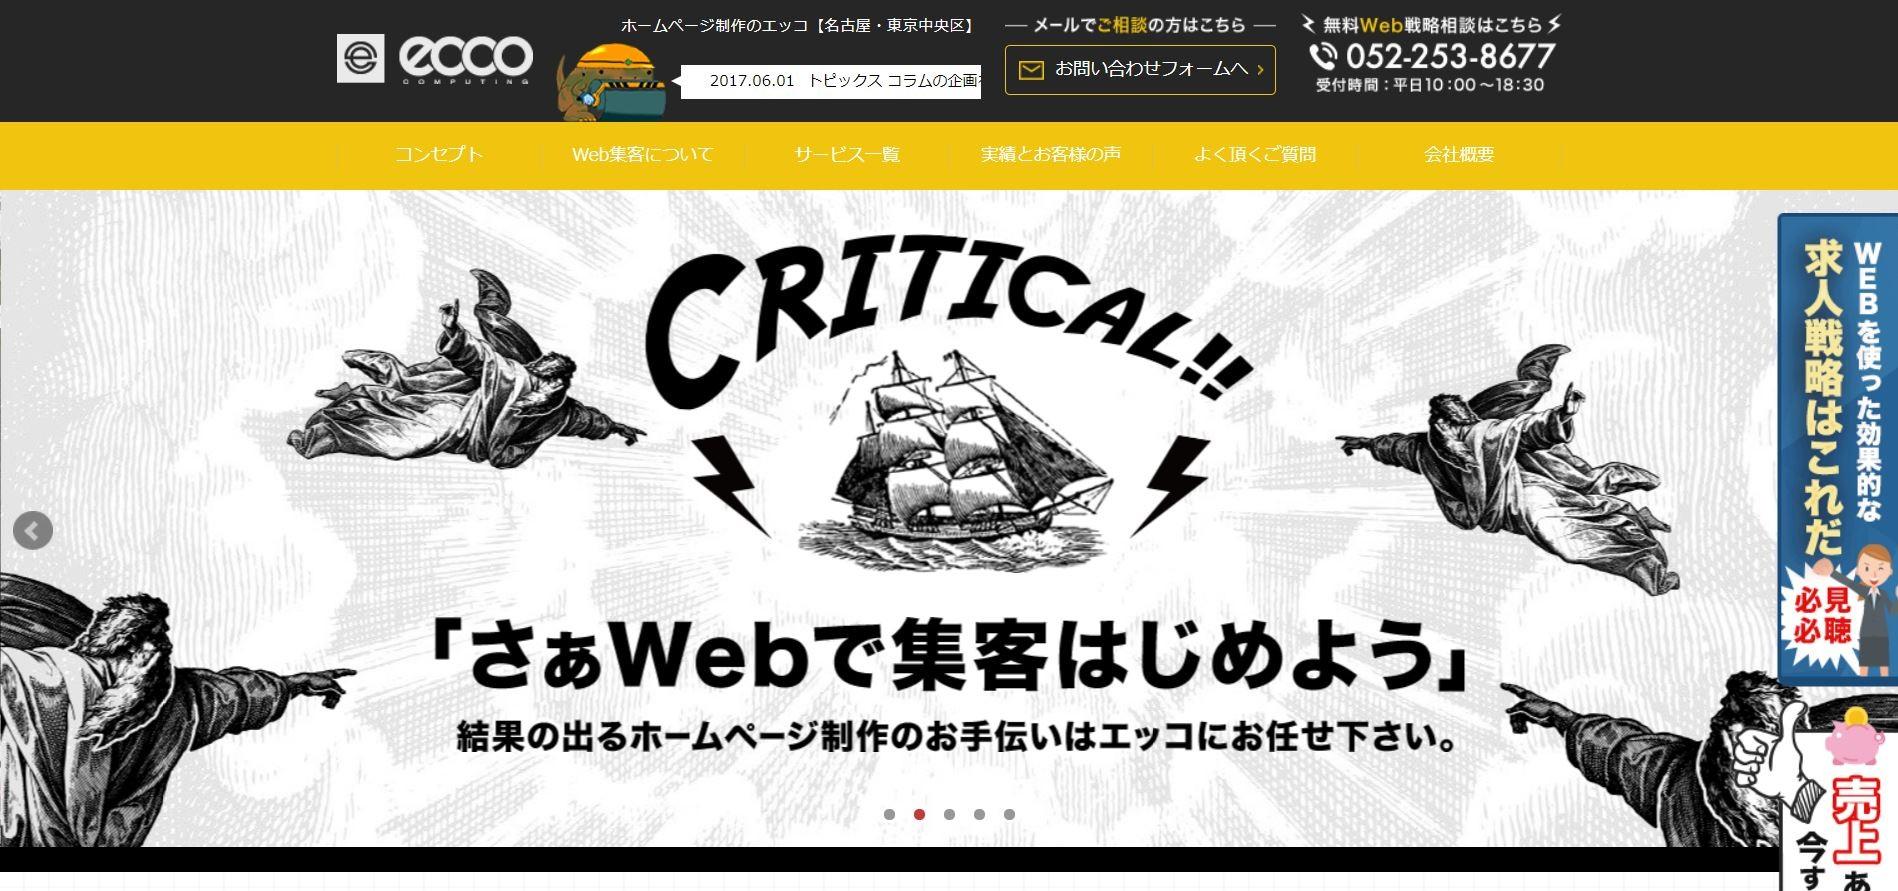 名古屋でランディングページに強い制作会社_株式会社エッコ